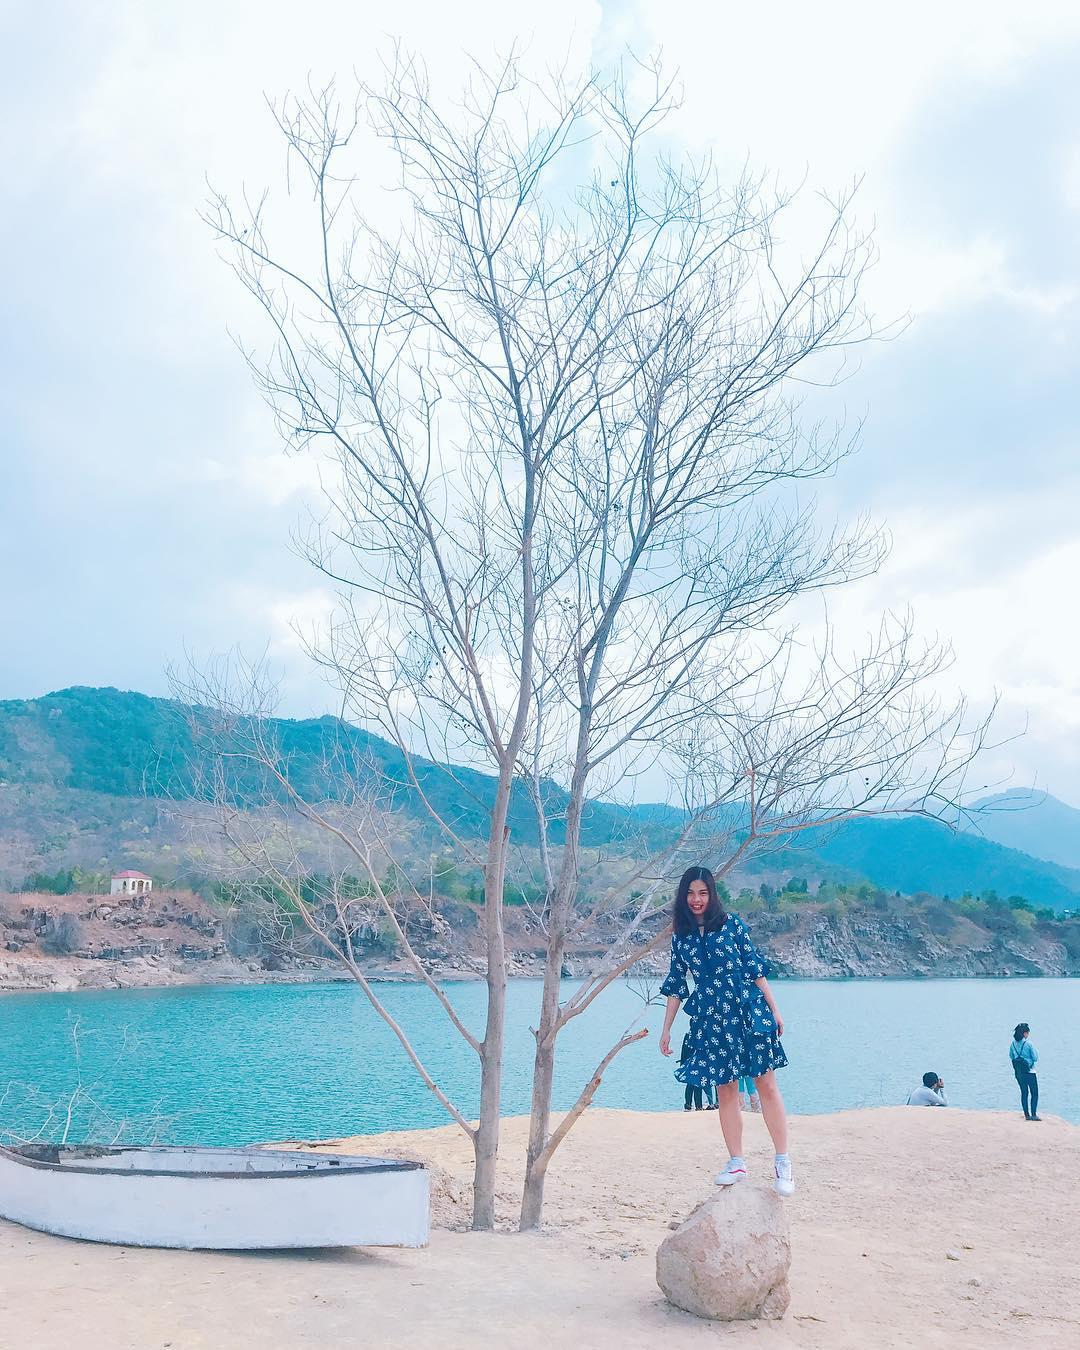 Bật mí 5 góc chụp 'đẹp miễn chê' tại hồ Đá Xanh, Vũng Tàu  - Ảnh 17.